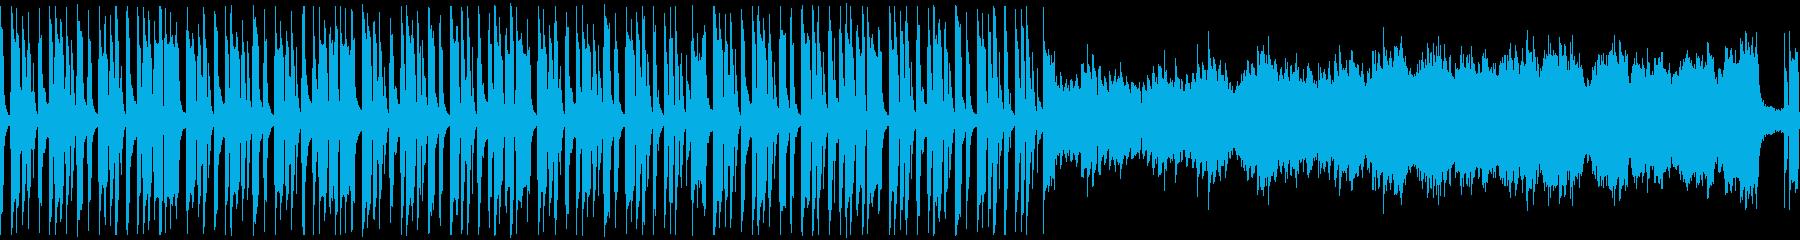 ほのぼのかわいい日常系BGM ループ版の再生済みの波形